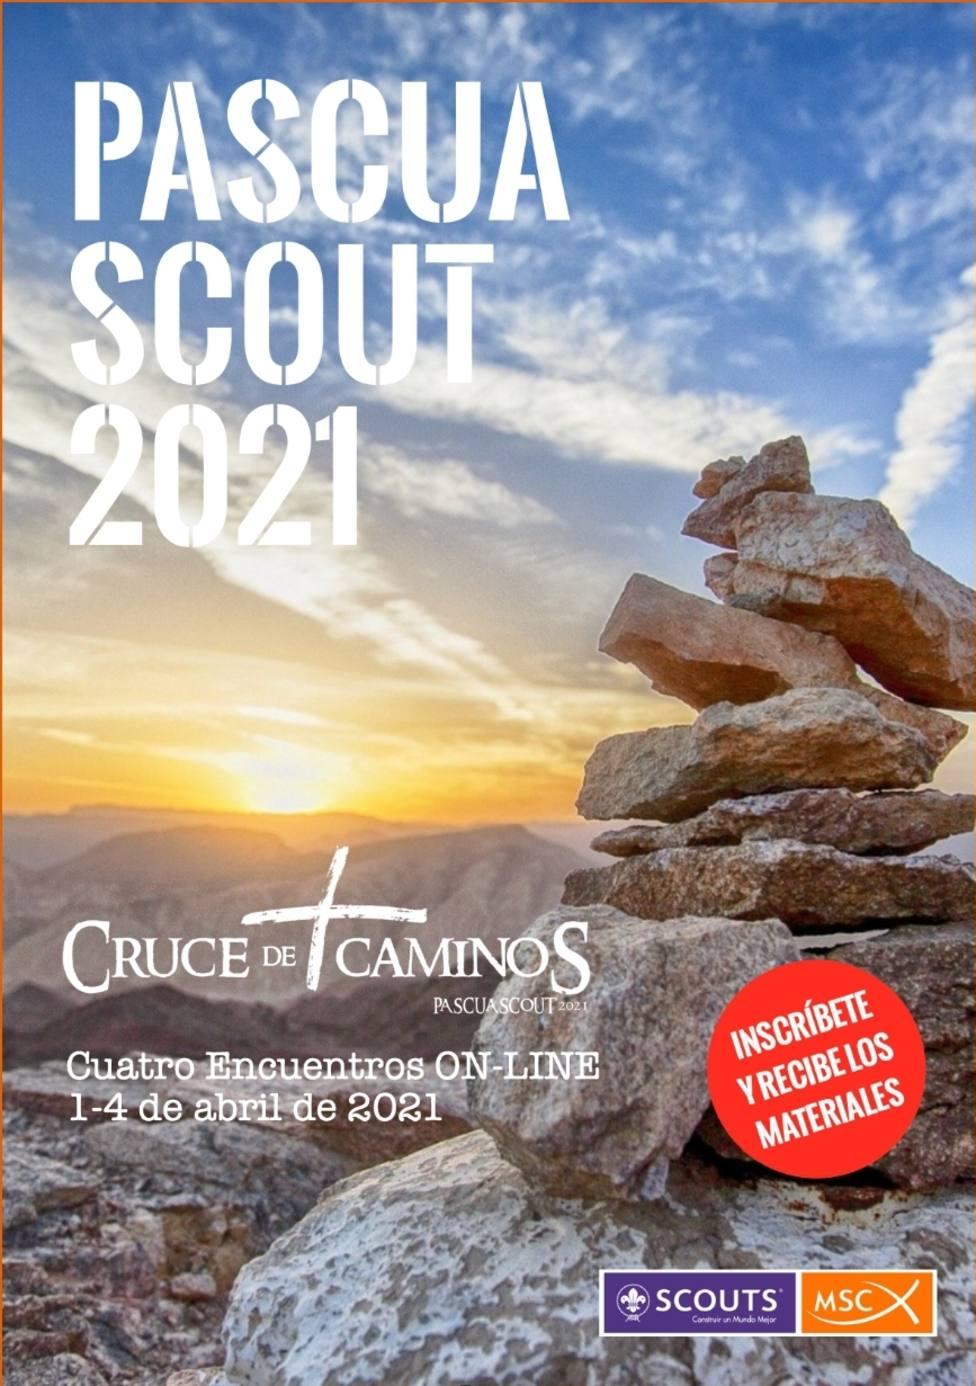 La Pascua Scout en Yuste